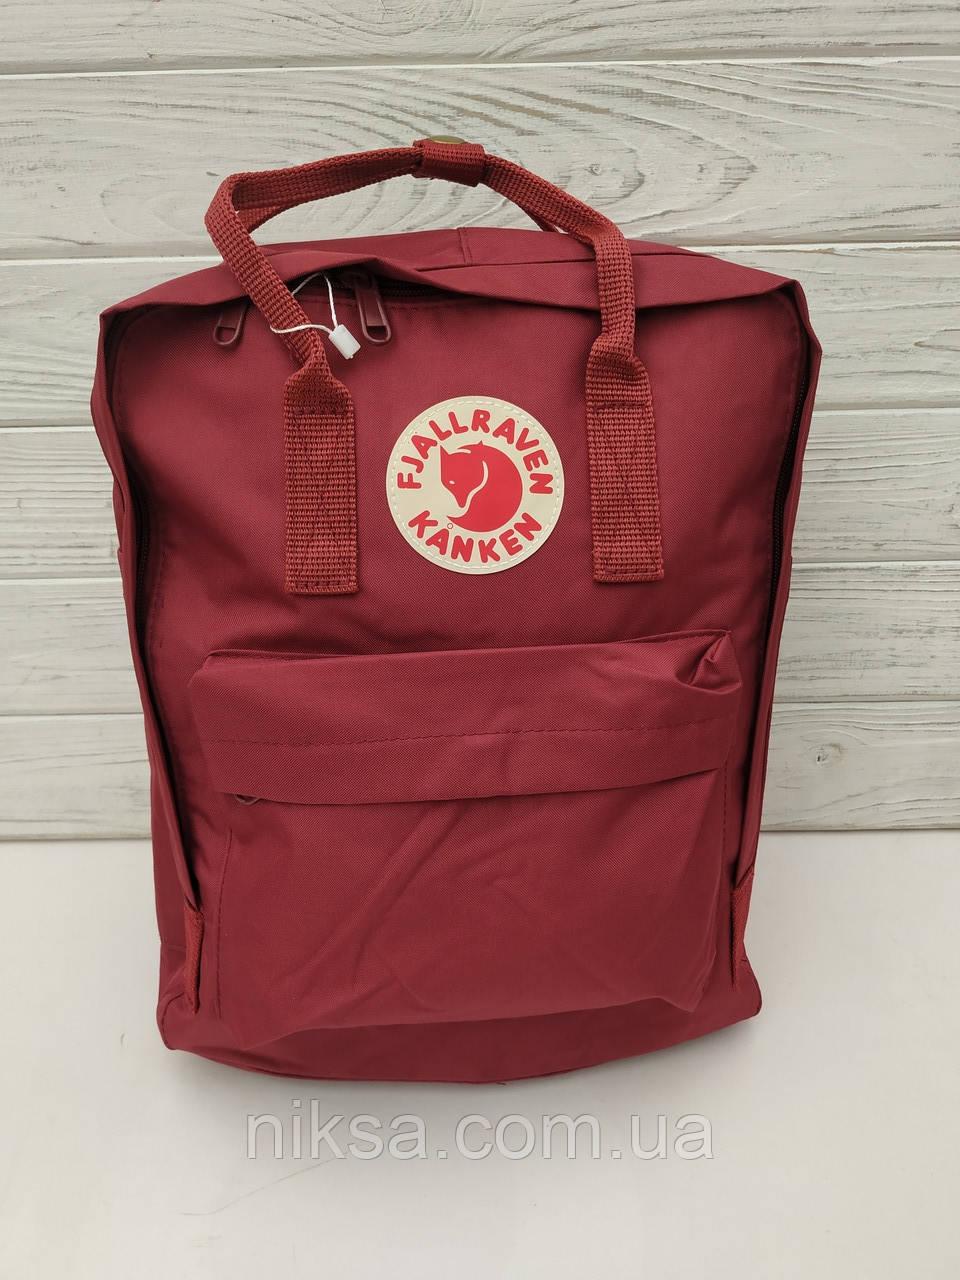 Городской рюкзак-сумка Канкен Kanken цвет бордо